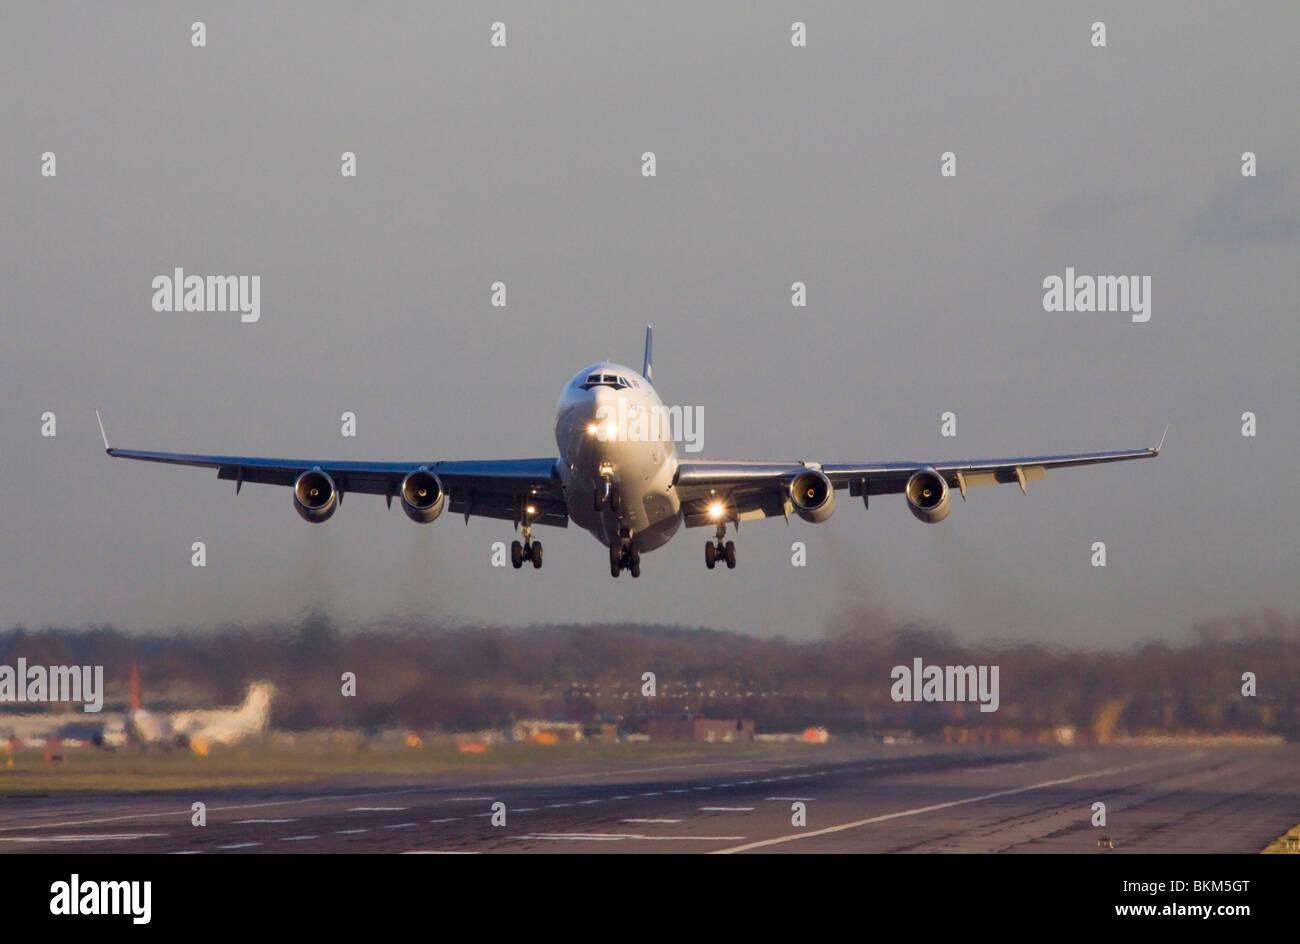 CU-T1254 Cubana Ilyushin Il-96-300 taking off from London Gatwick Airport. - Stock Image